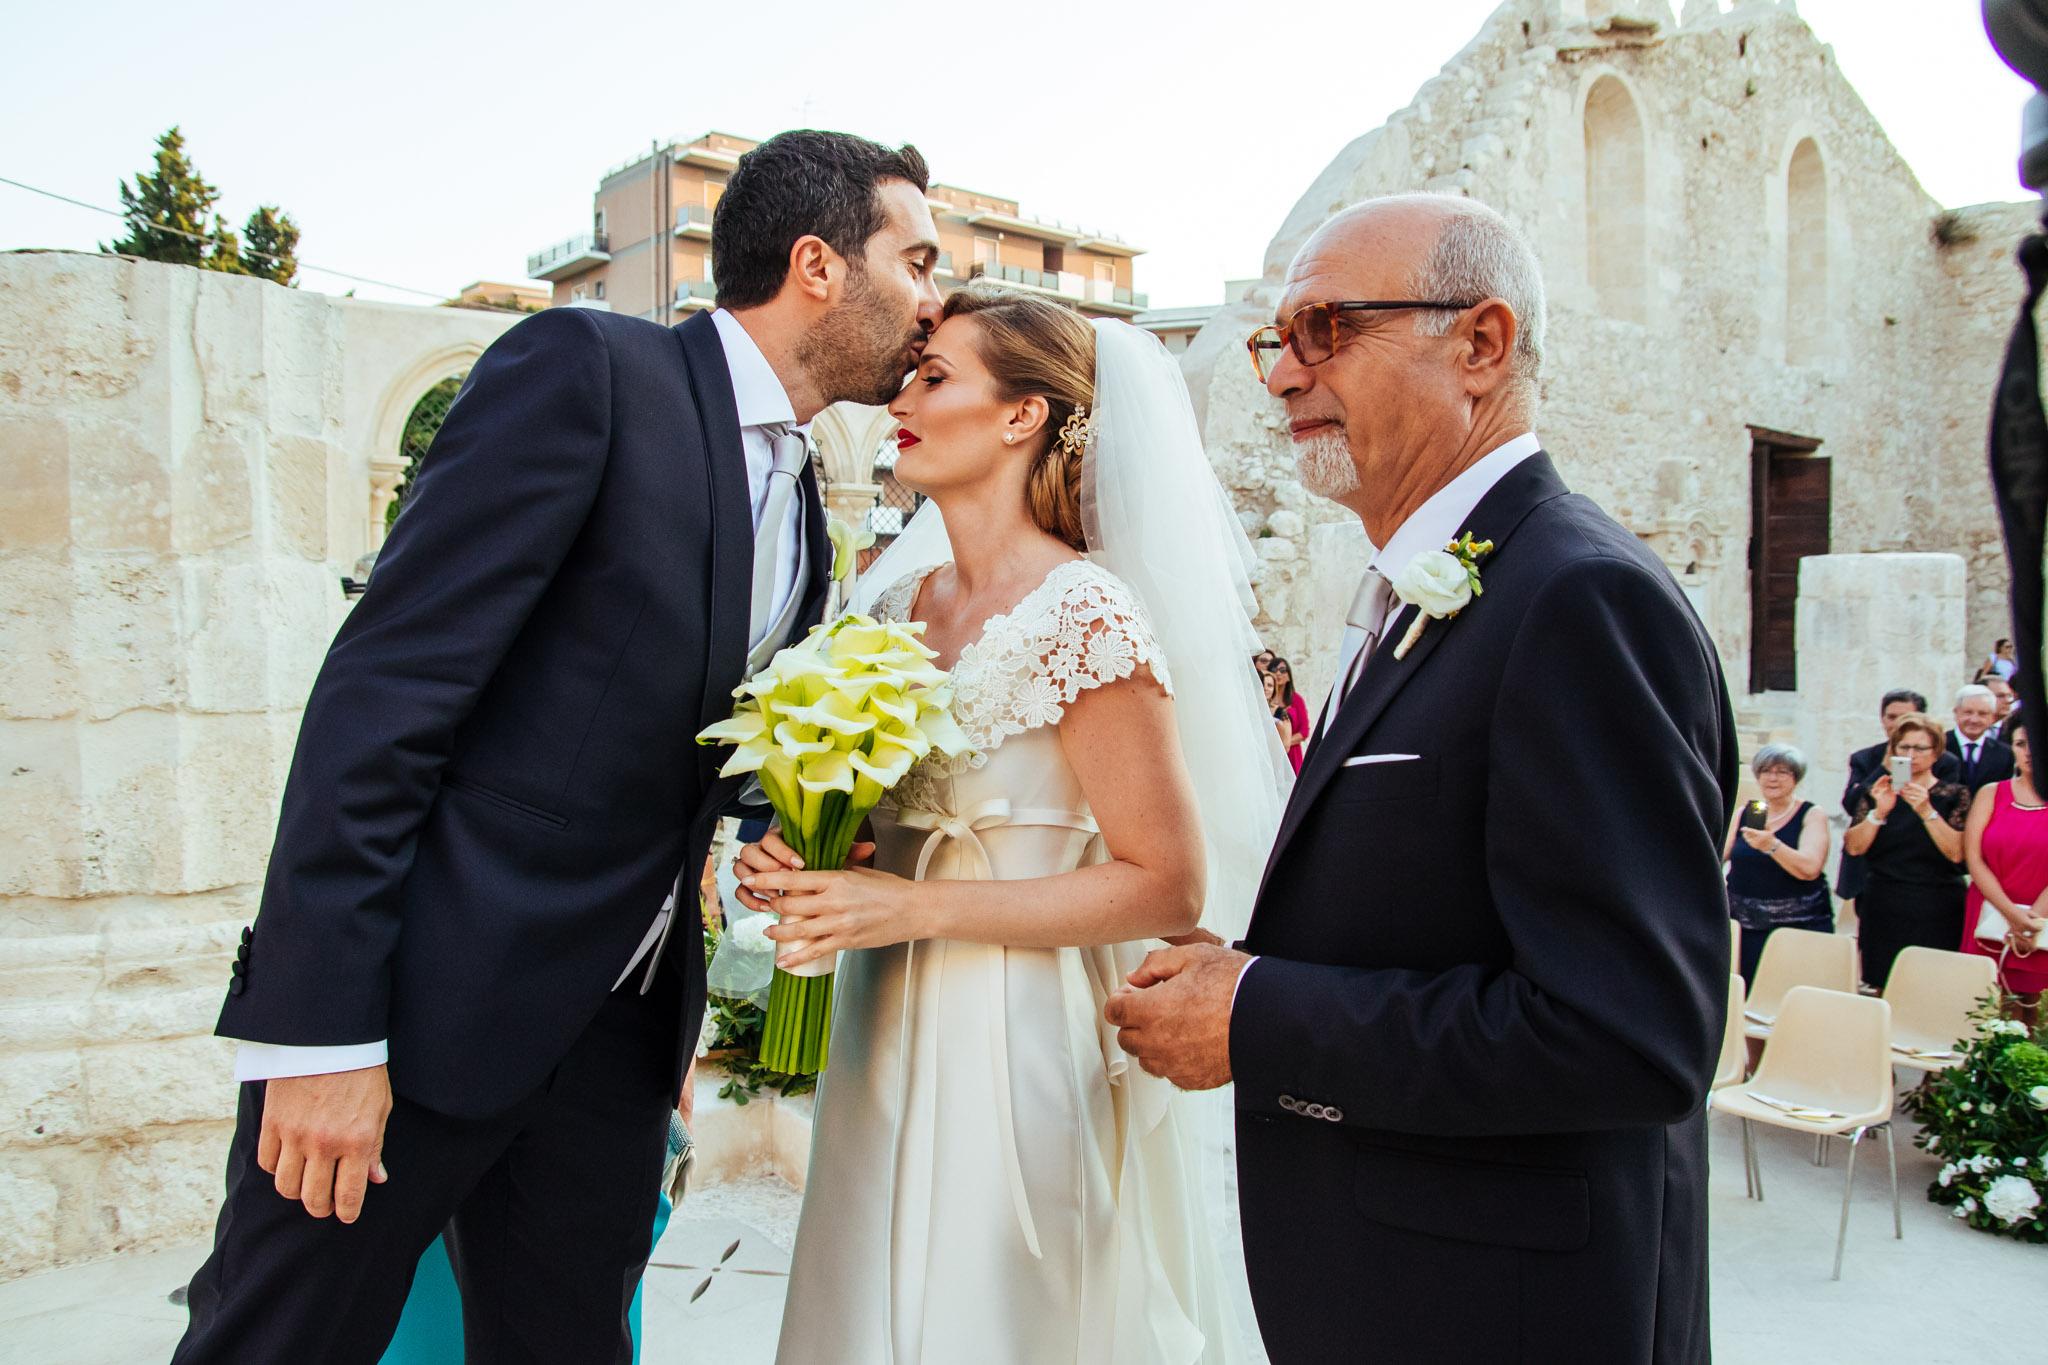 wedding-in-SYRACUSE-33.jpg